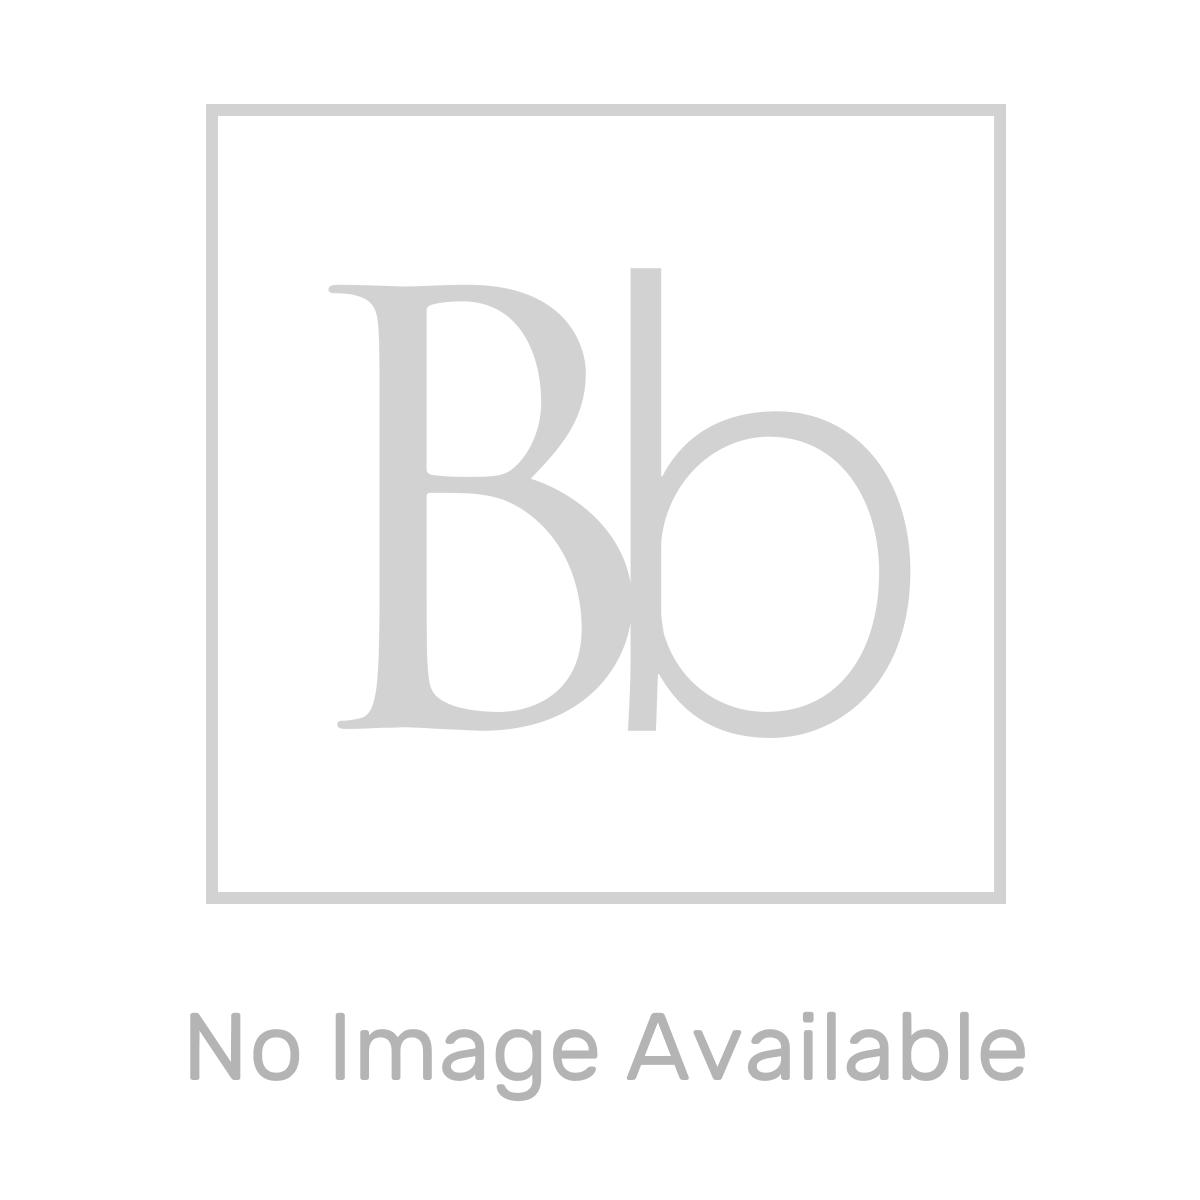 Nuie Athena Hacienda Black 4 Door Floor Standing Vanity Unit with Polymarble Double Basin 1200mm